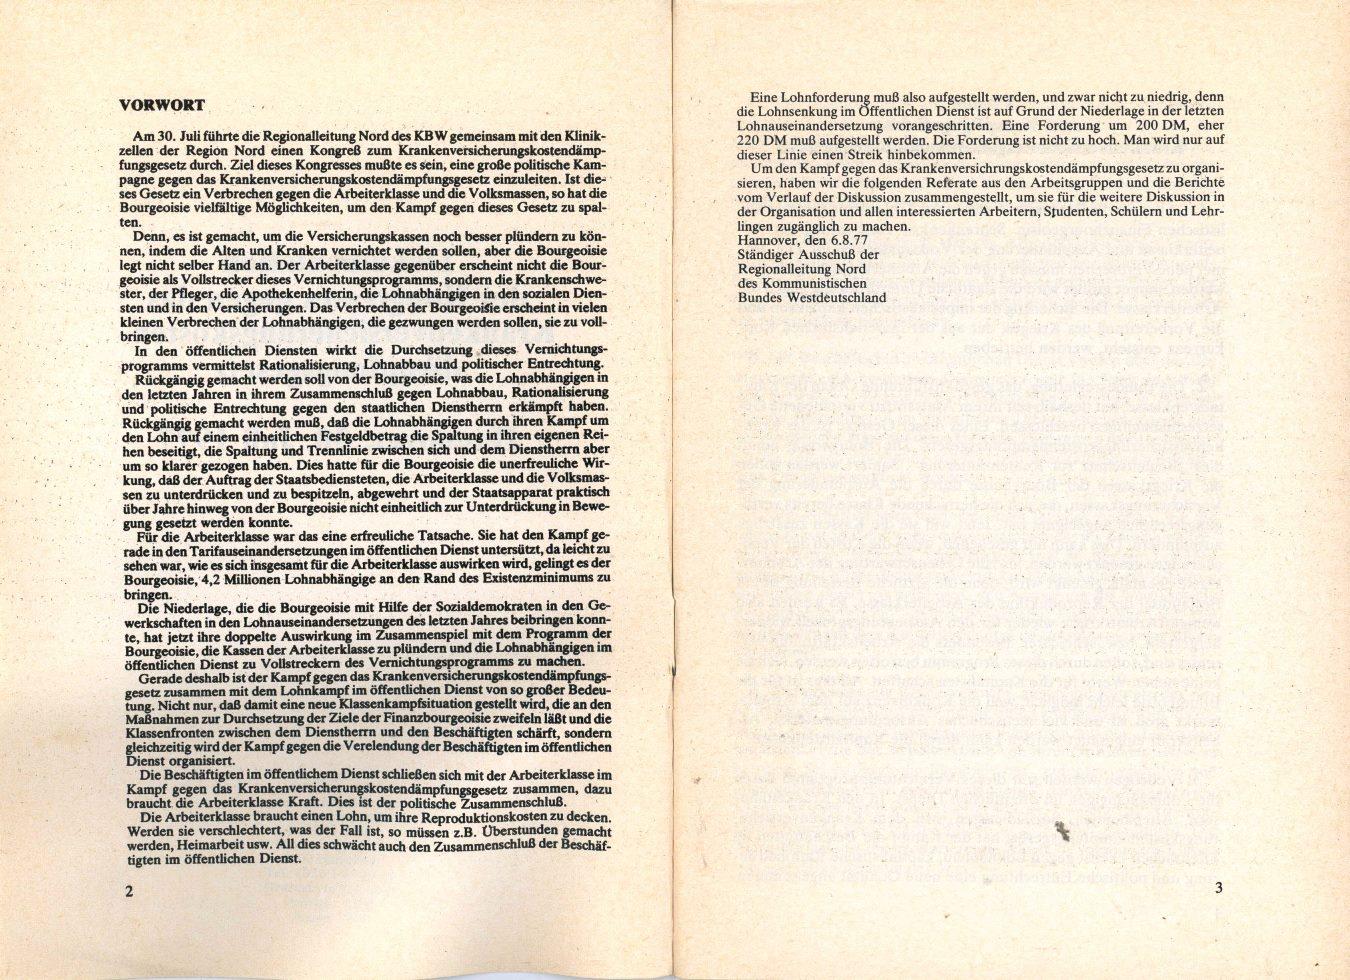 OTV_KBW_Doku_KVKG_1977_03